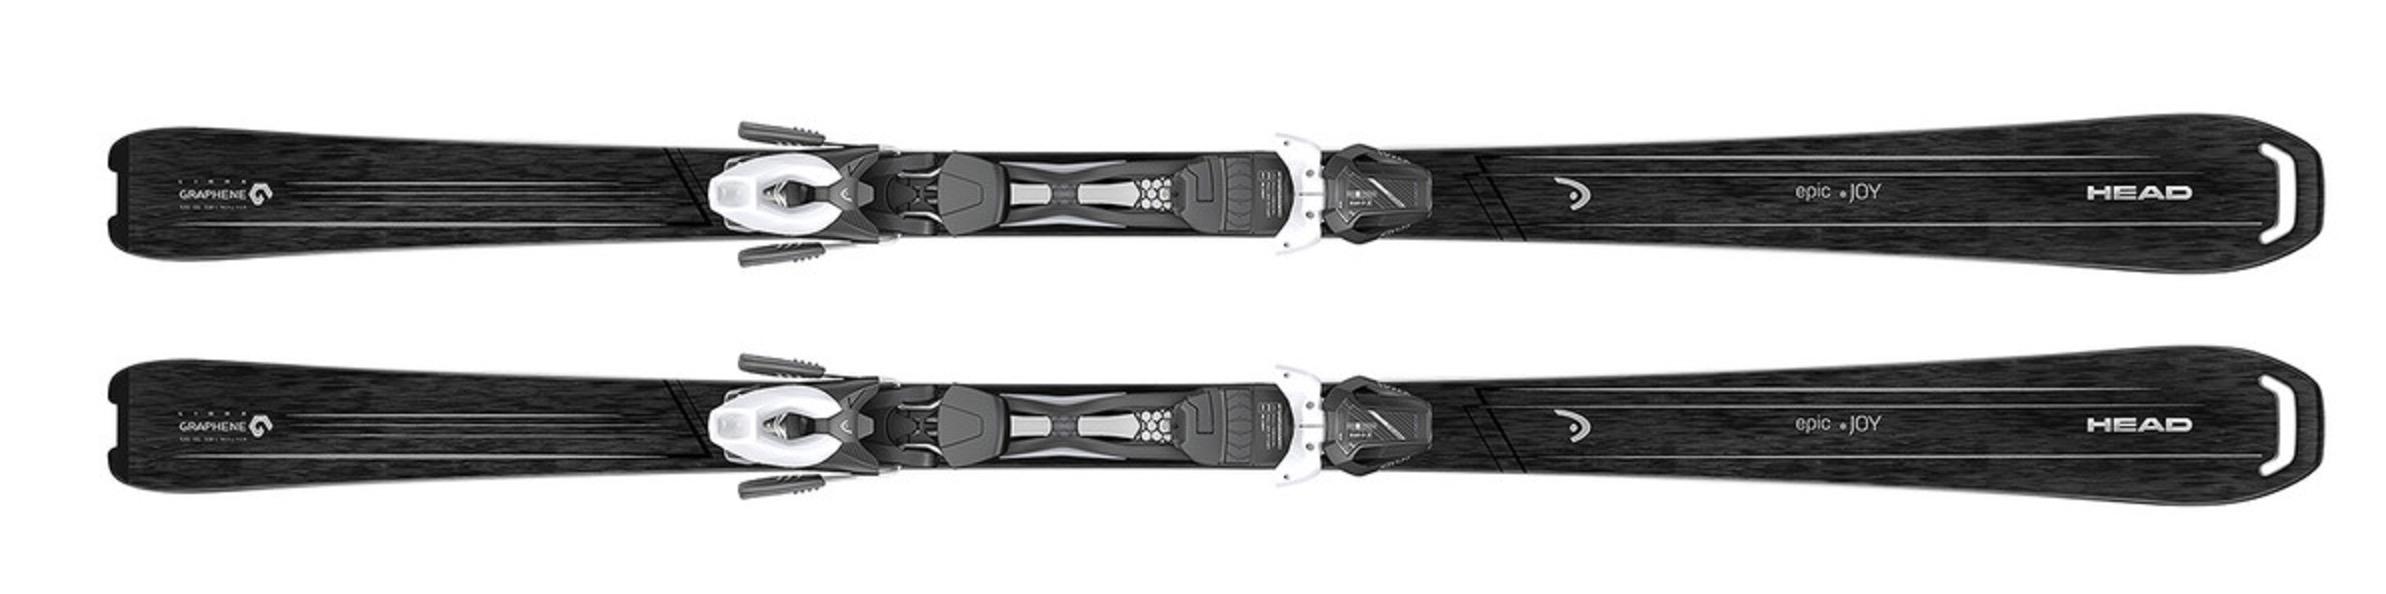 5451640663e ... de eerder genoemde soorten. De een is stugger dan de ander, de een is  uitstekend voor beginnende skiërs en weer een ander is voor de sportieve  skiester.